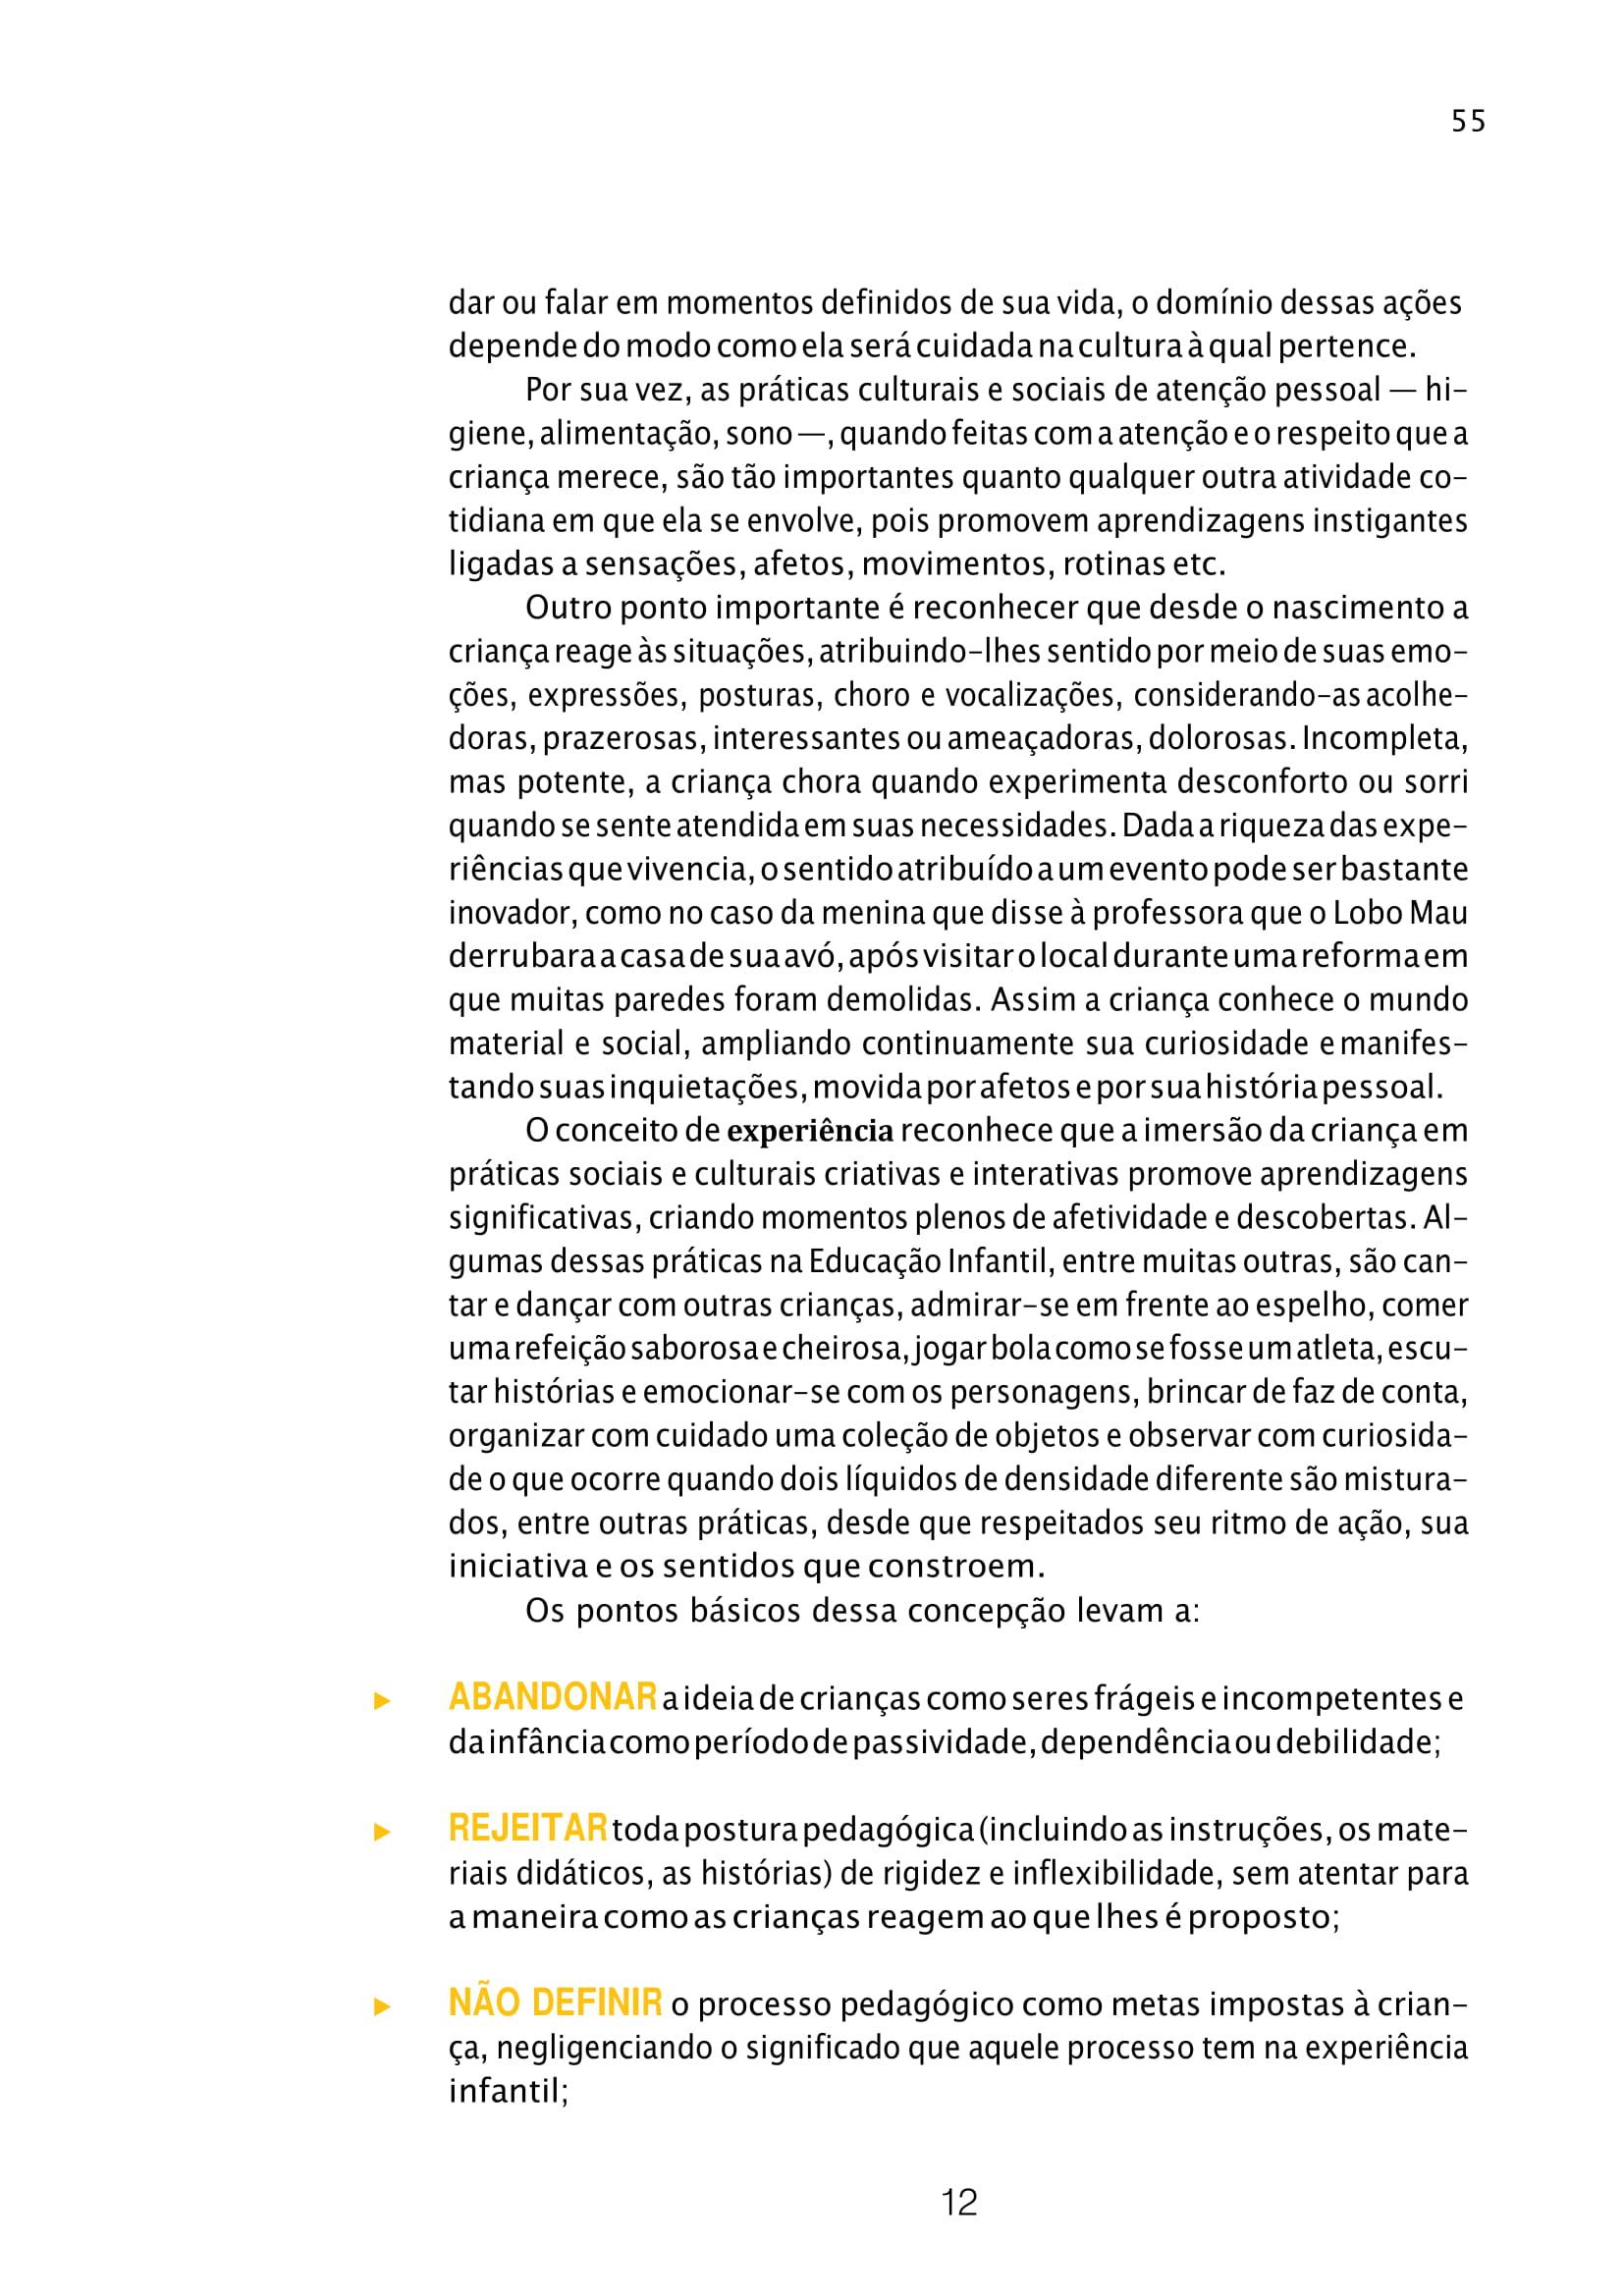 planejamento-educação-infantil-bncc-geral-85